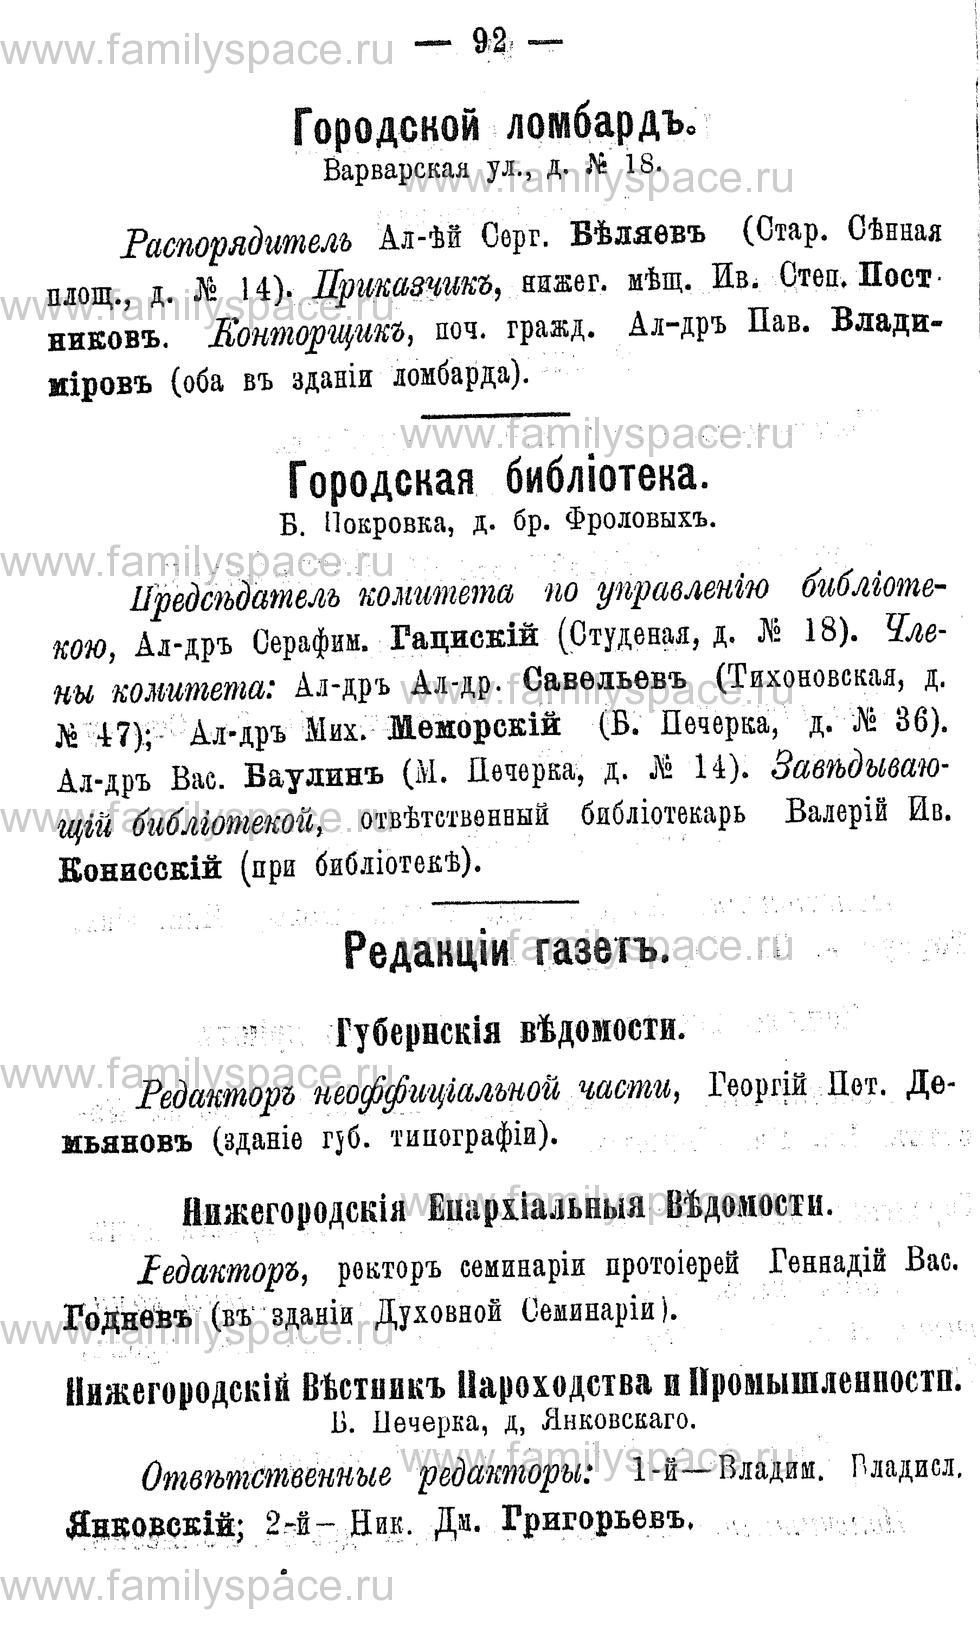 Поиск по фамилии - Адрес-календарь Нижегородской губернии на 1891 год, страница 92